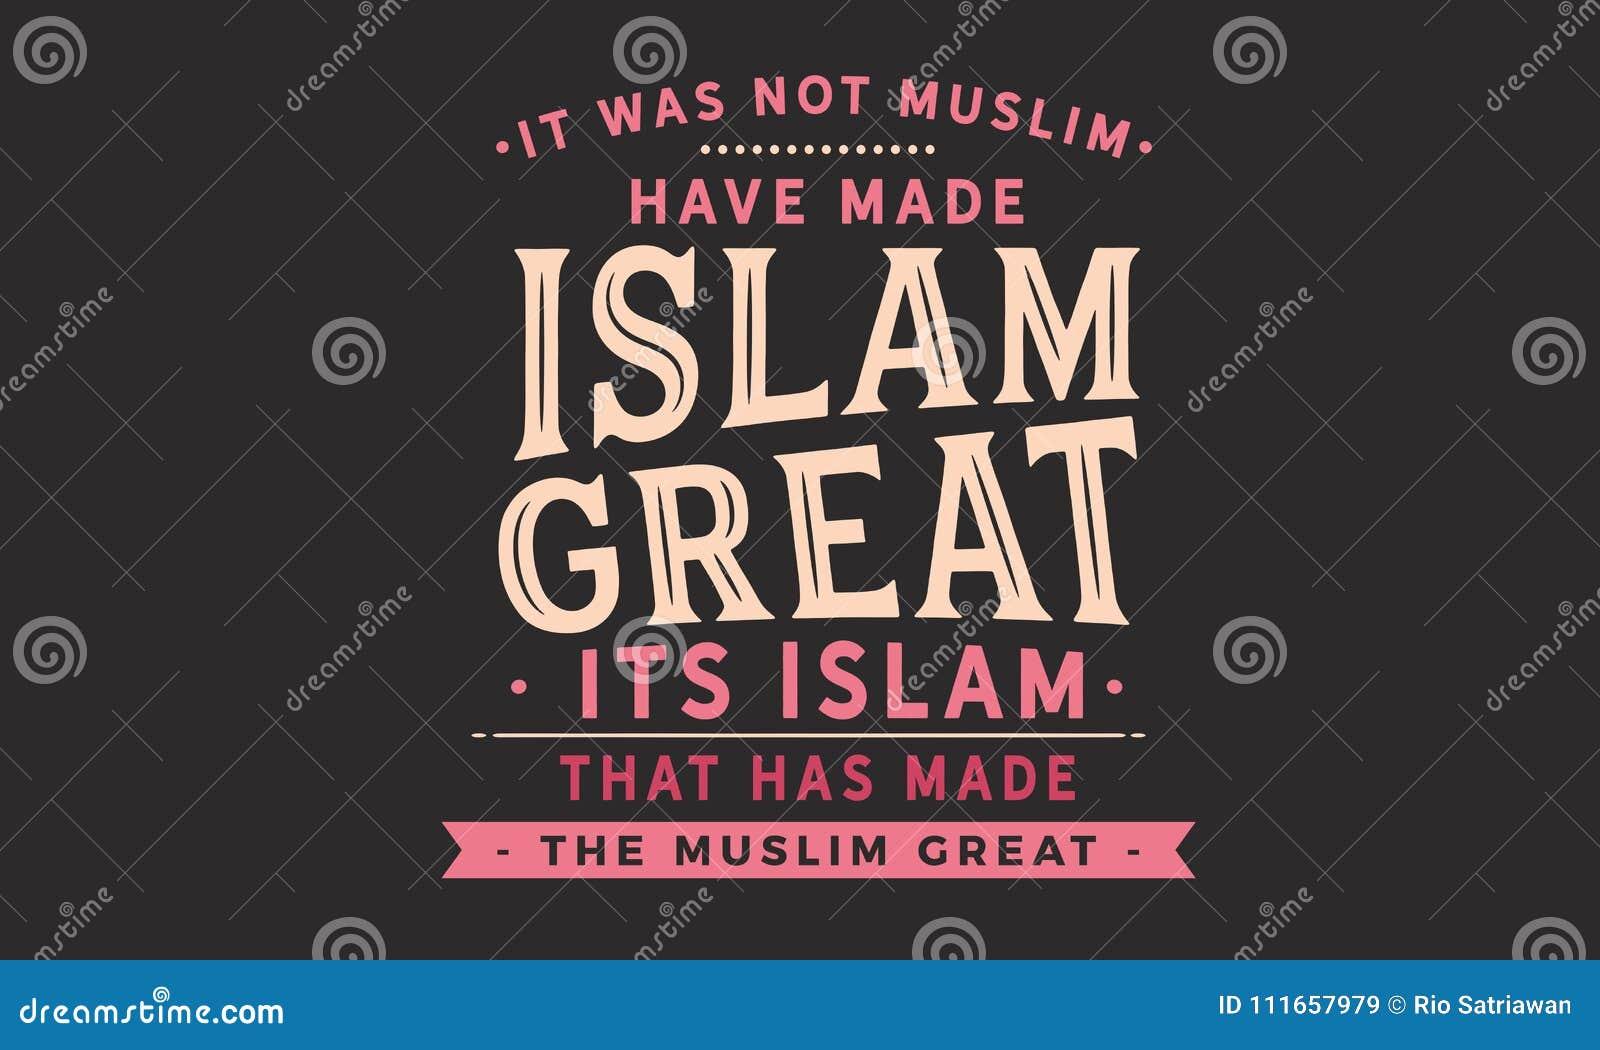 Det var inte muslimen har gjort islam stor, dess islam som har gjort muslimna stora